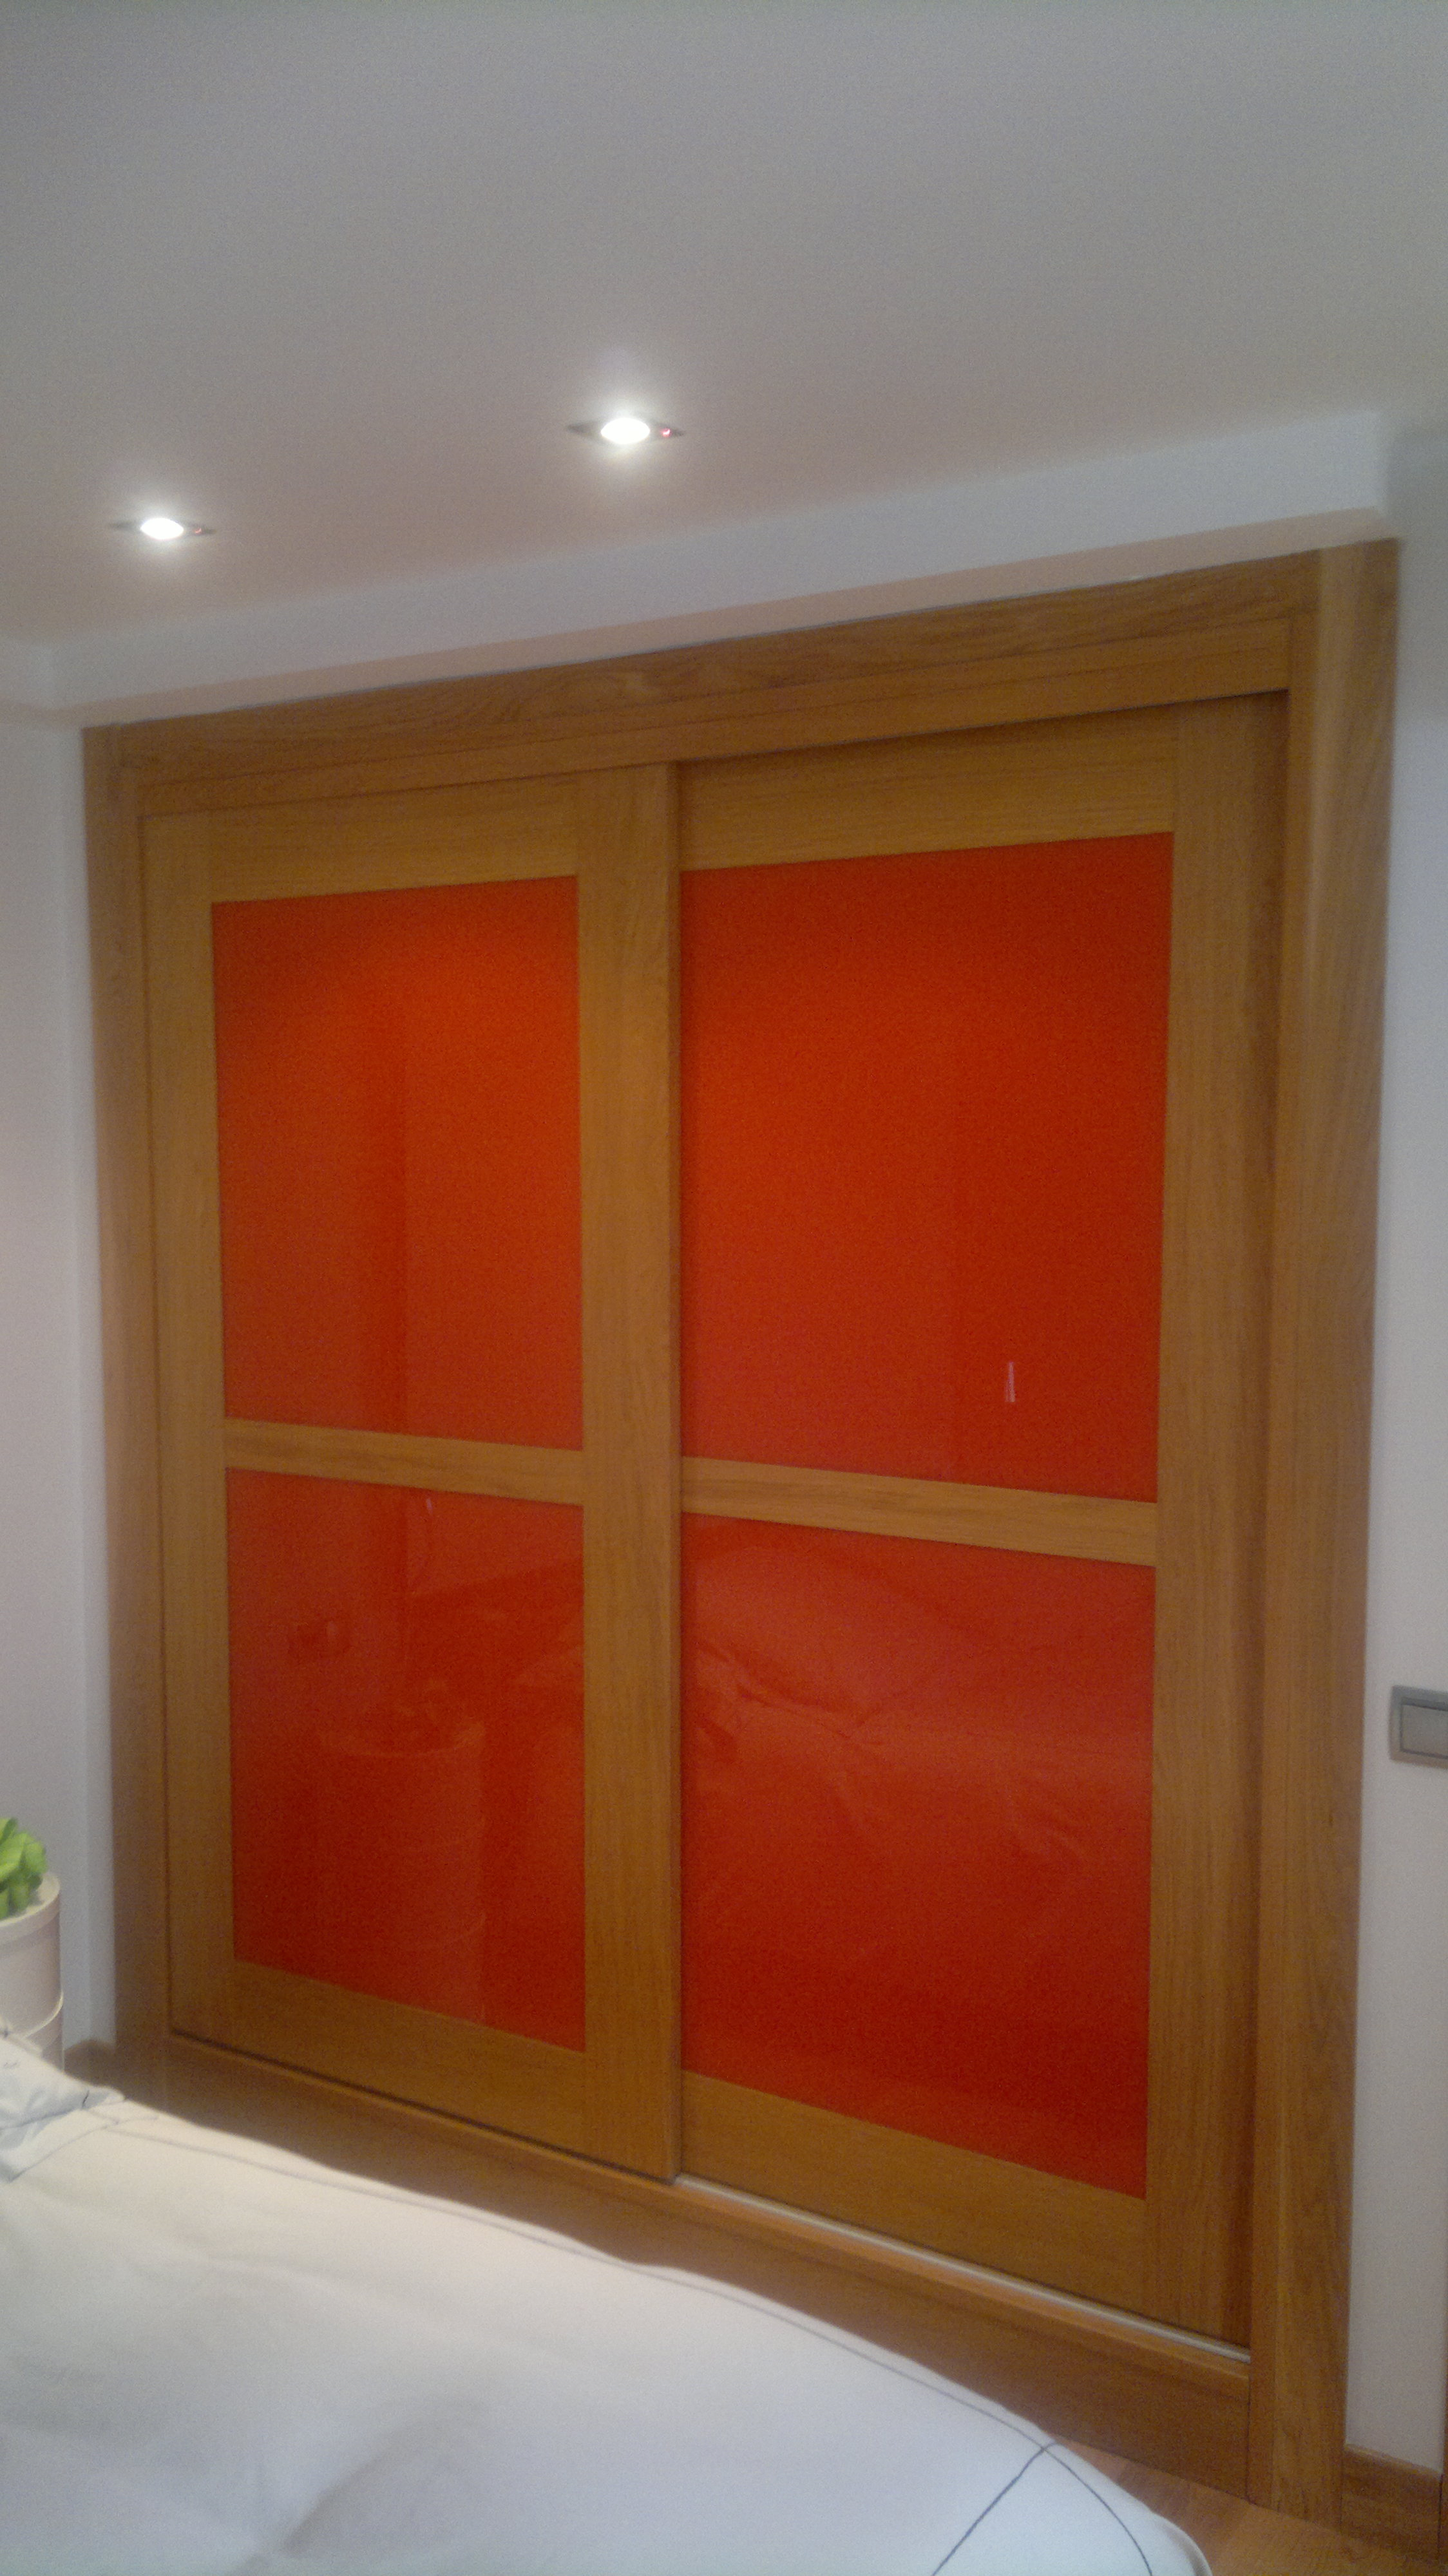 Carpinteria muebles a medida armario empotrado escalera puerta cocina ventanas lacados barnizados - Armarios empotrados para entradas ...